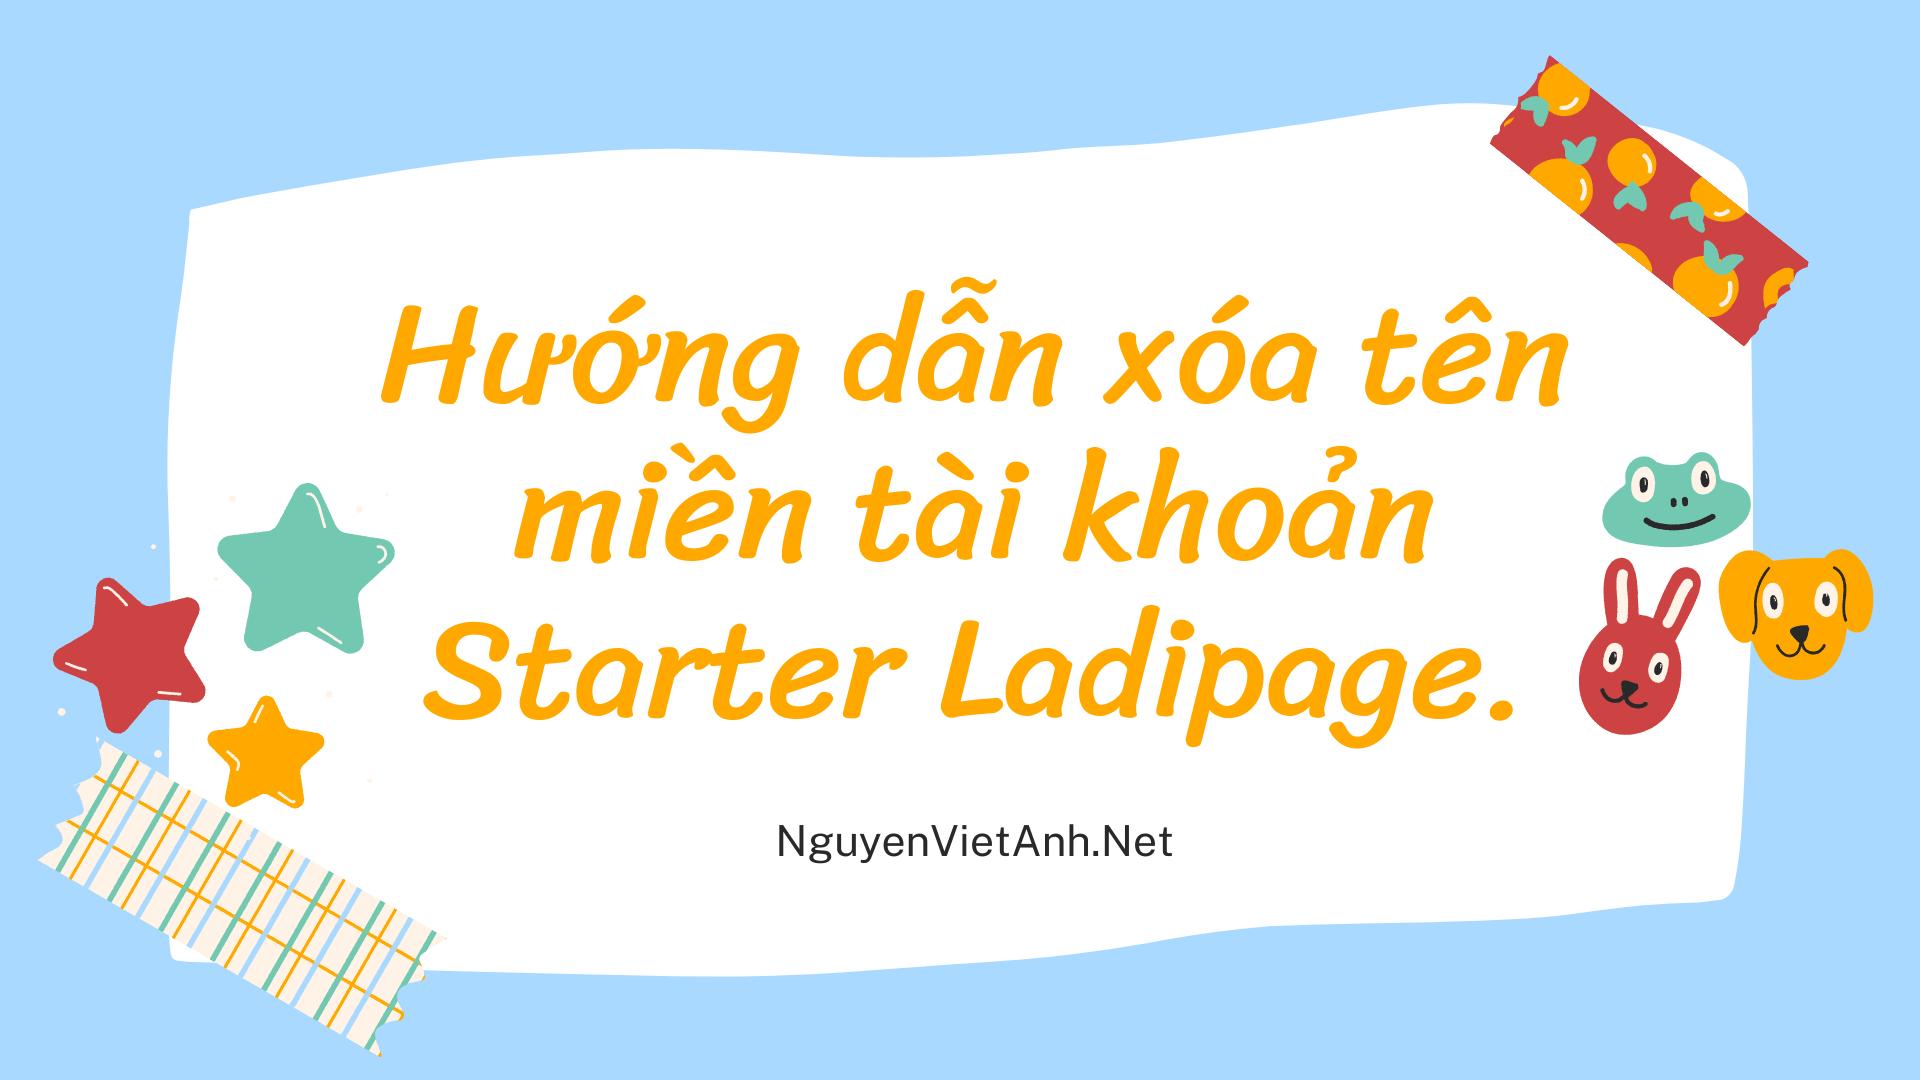 Hướng dẫn xóa tên miền tài khoản Starter Ladipage.